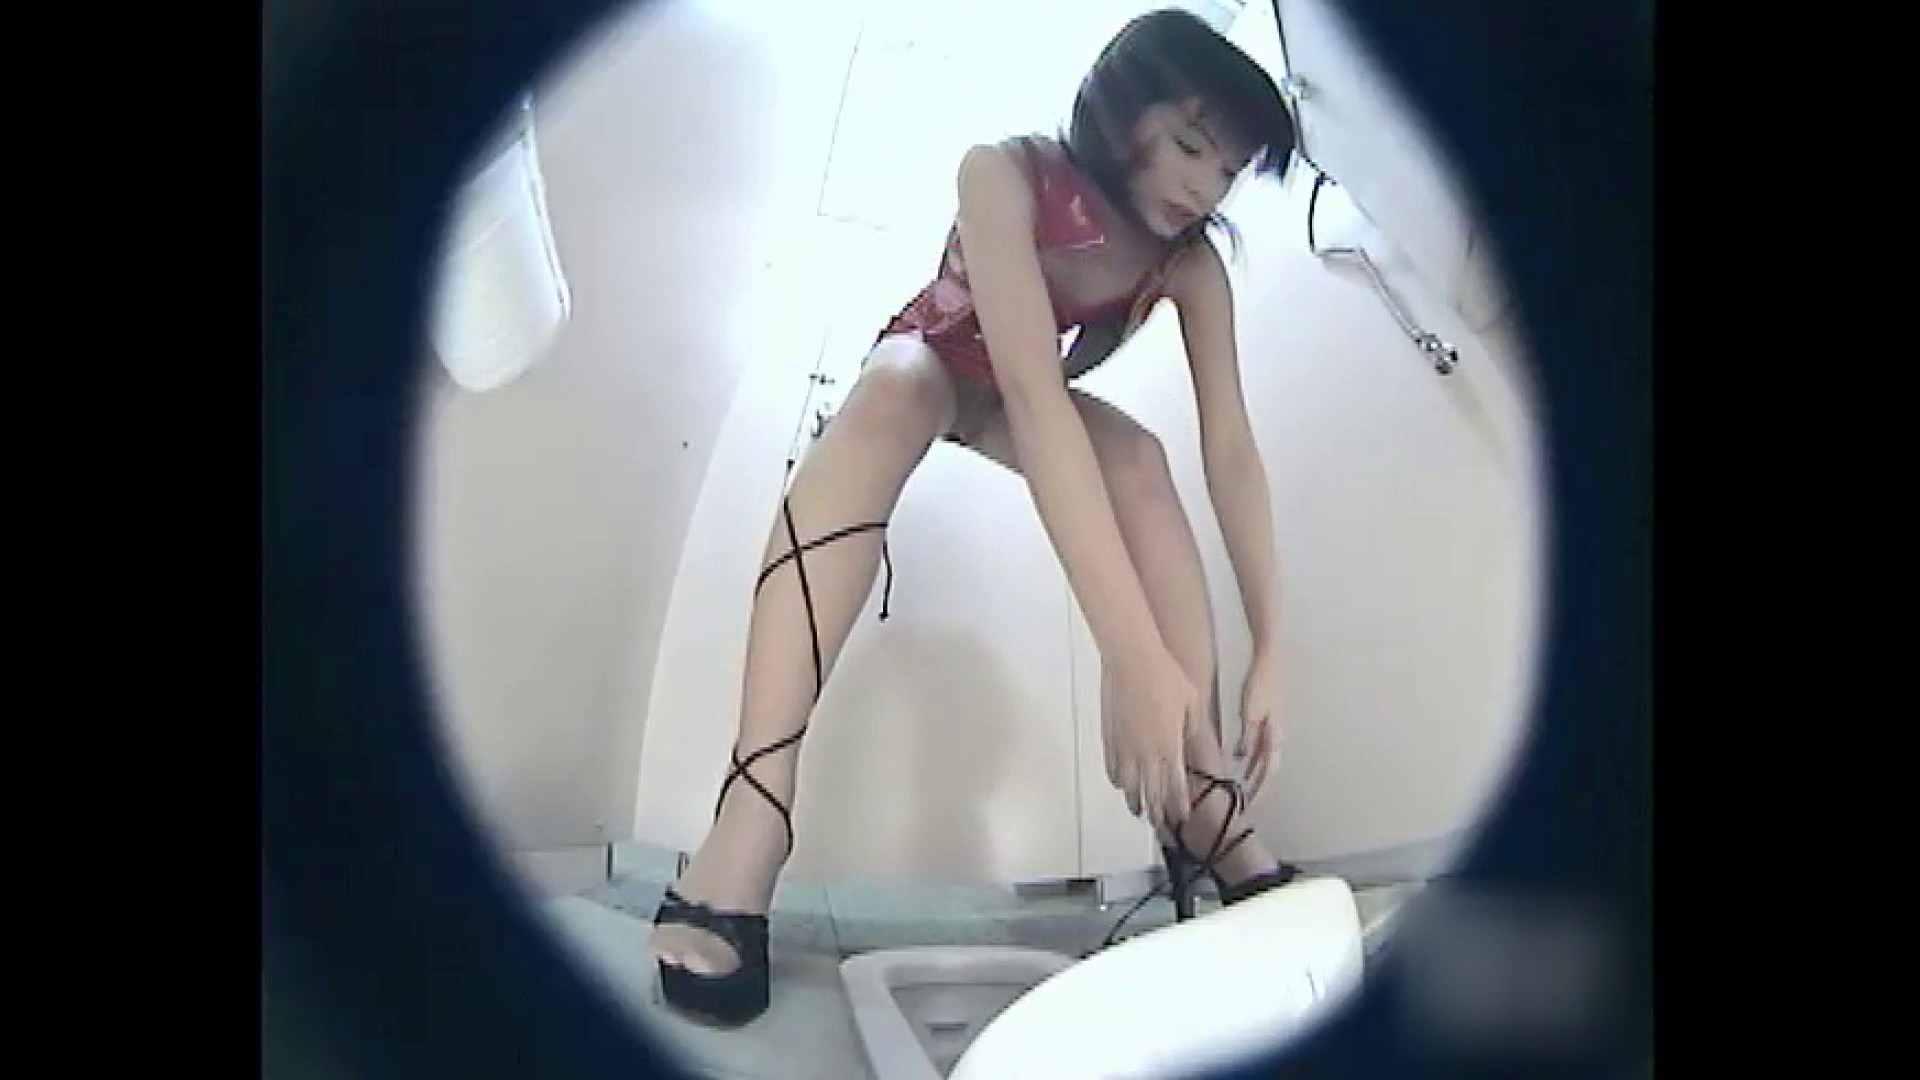 レースクィーントイレ盗撮!Vol.03 トイレ | 丸見え  88枚 56